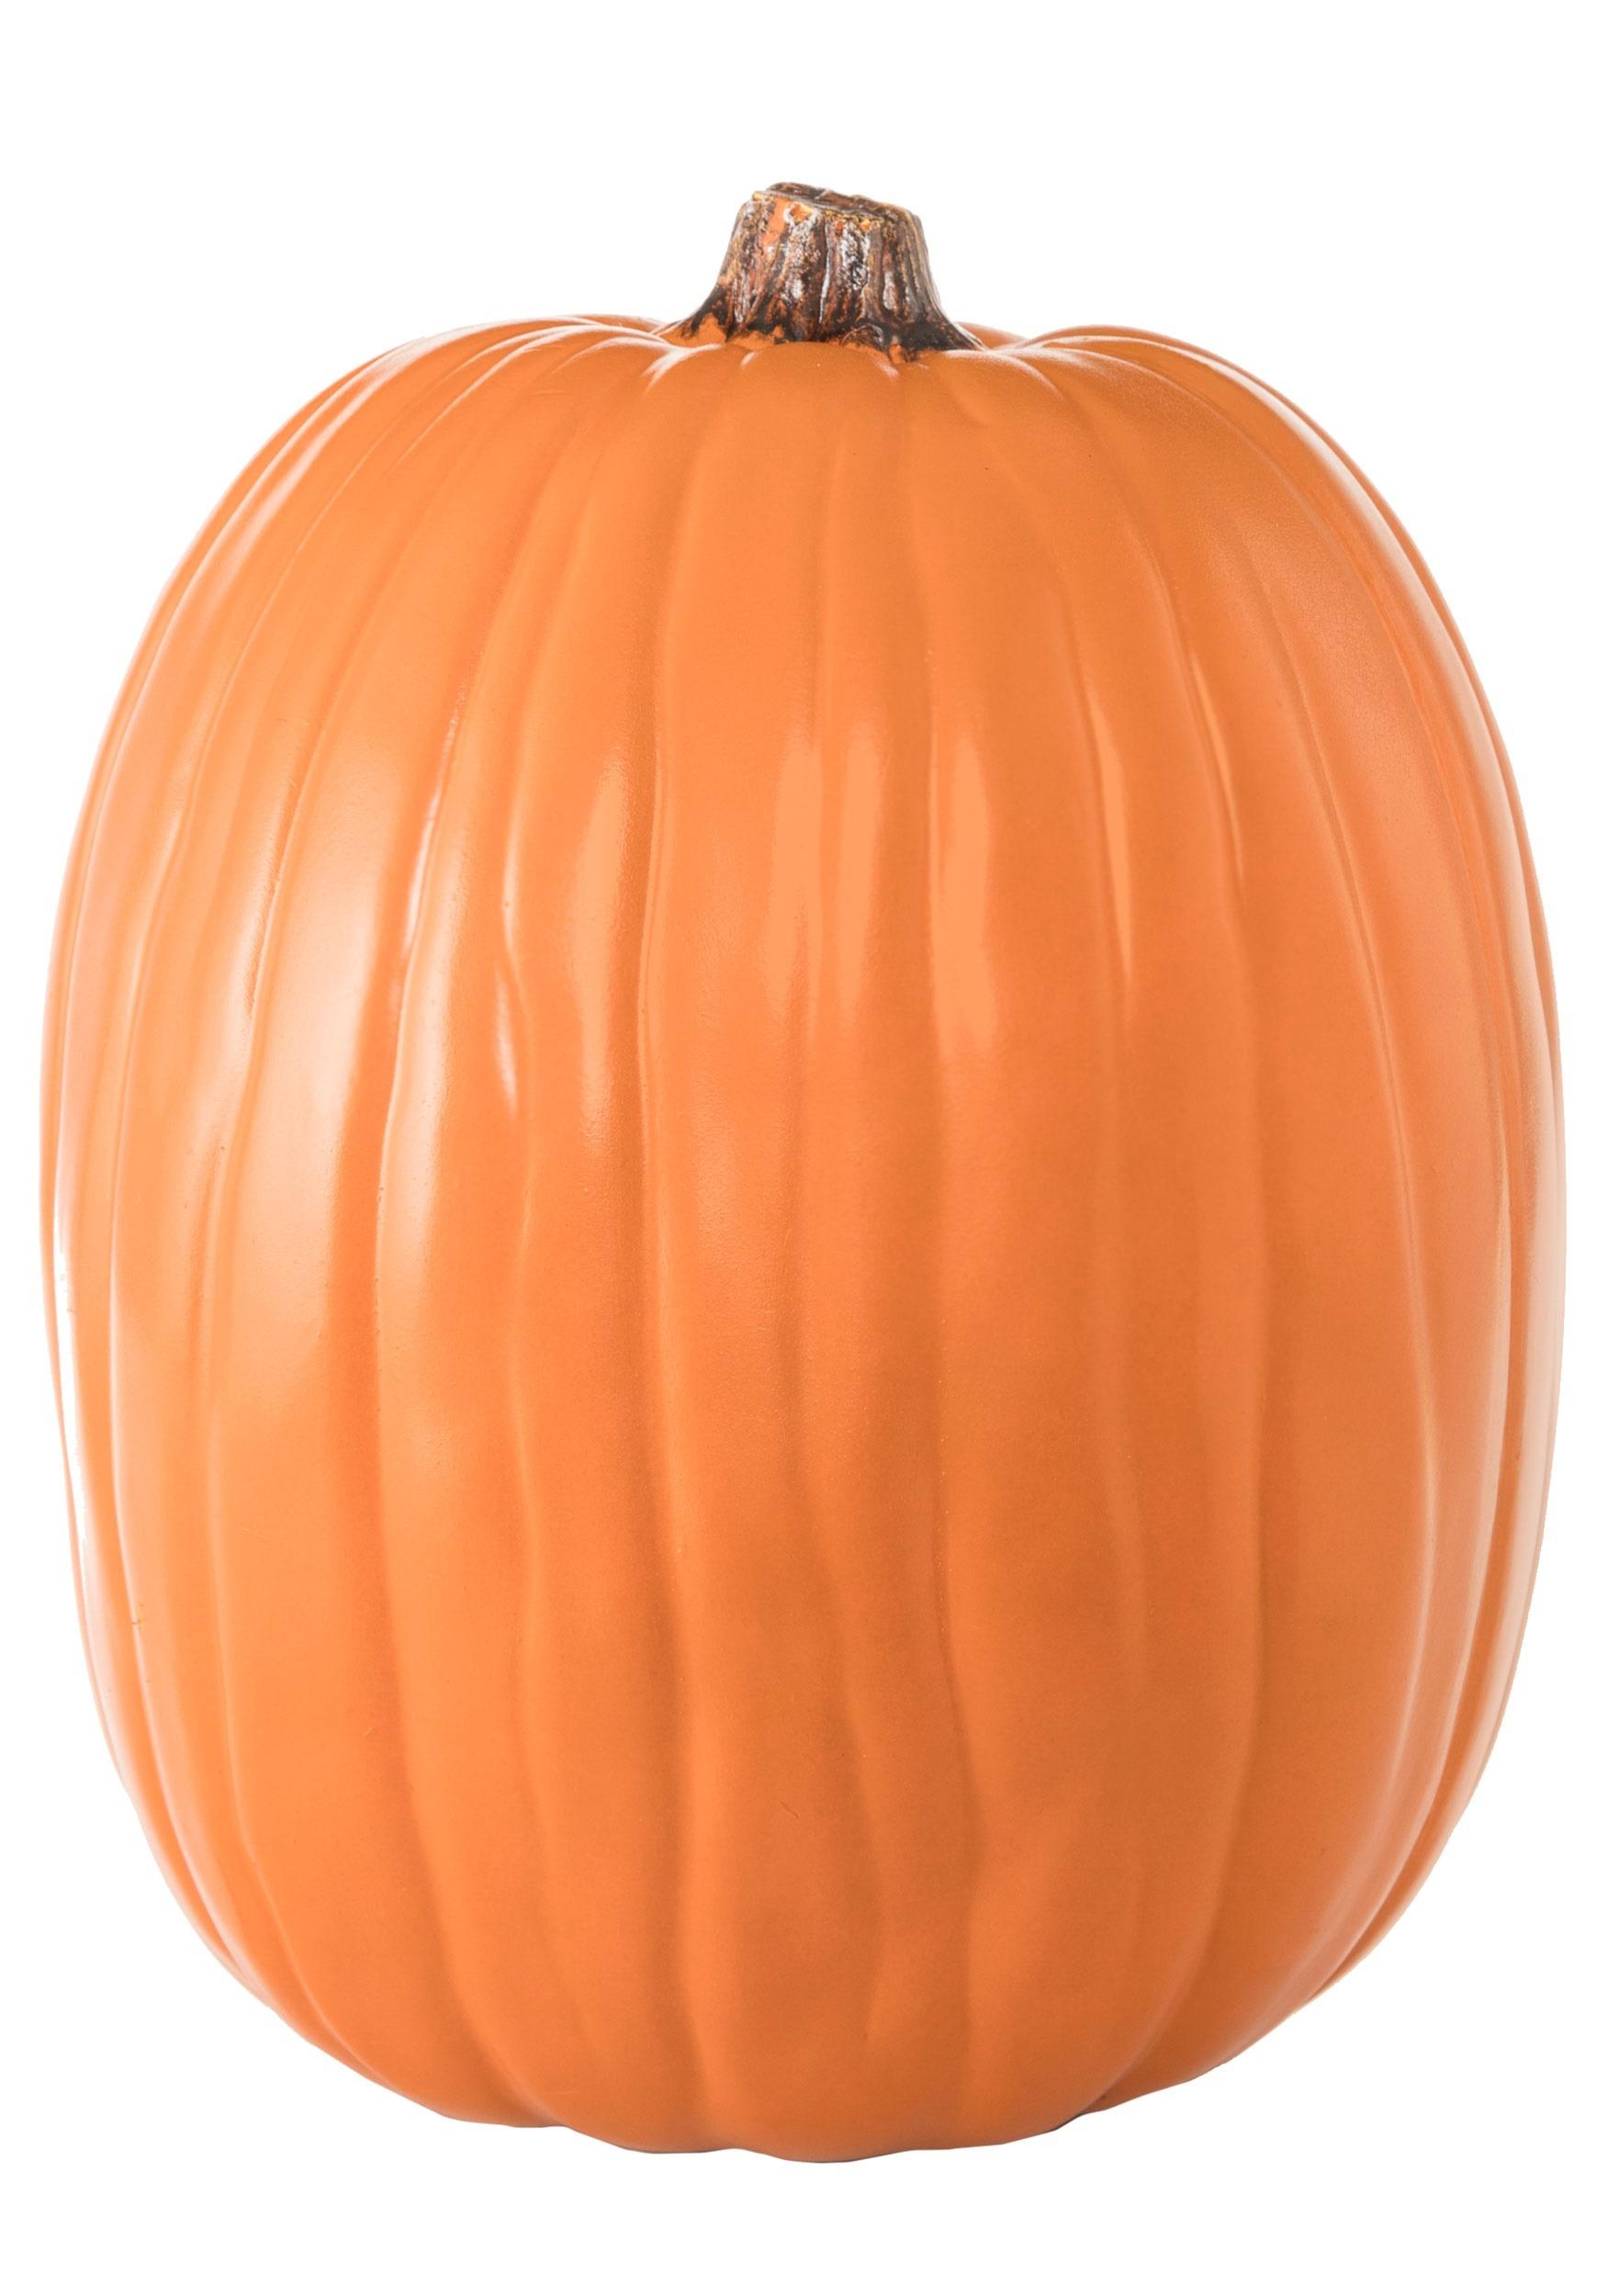 13 Quot Carvable Artificial Orange Pumpkin